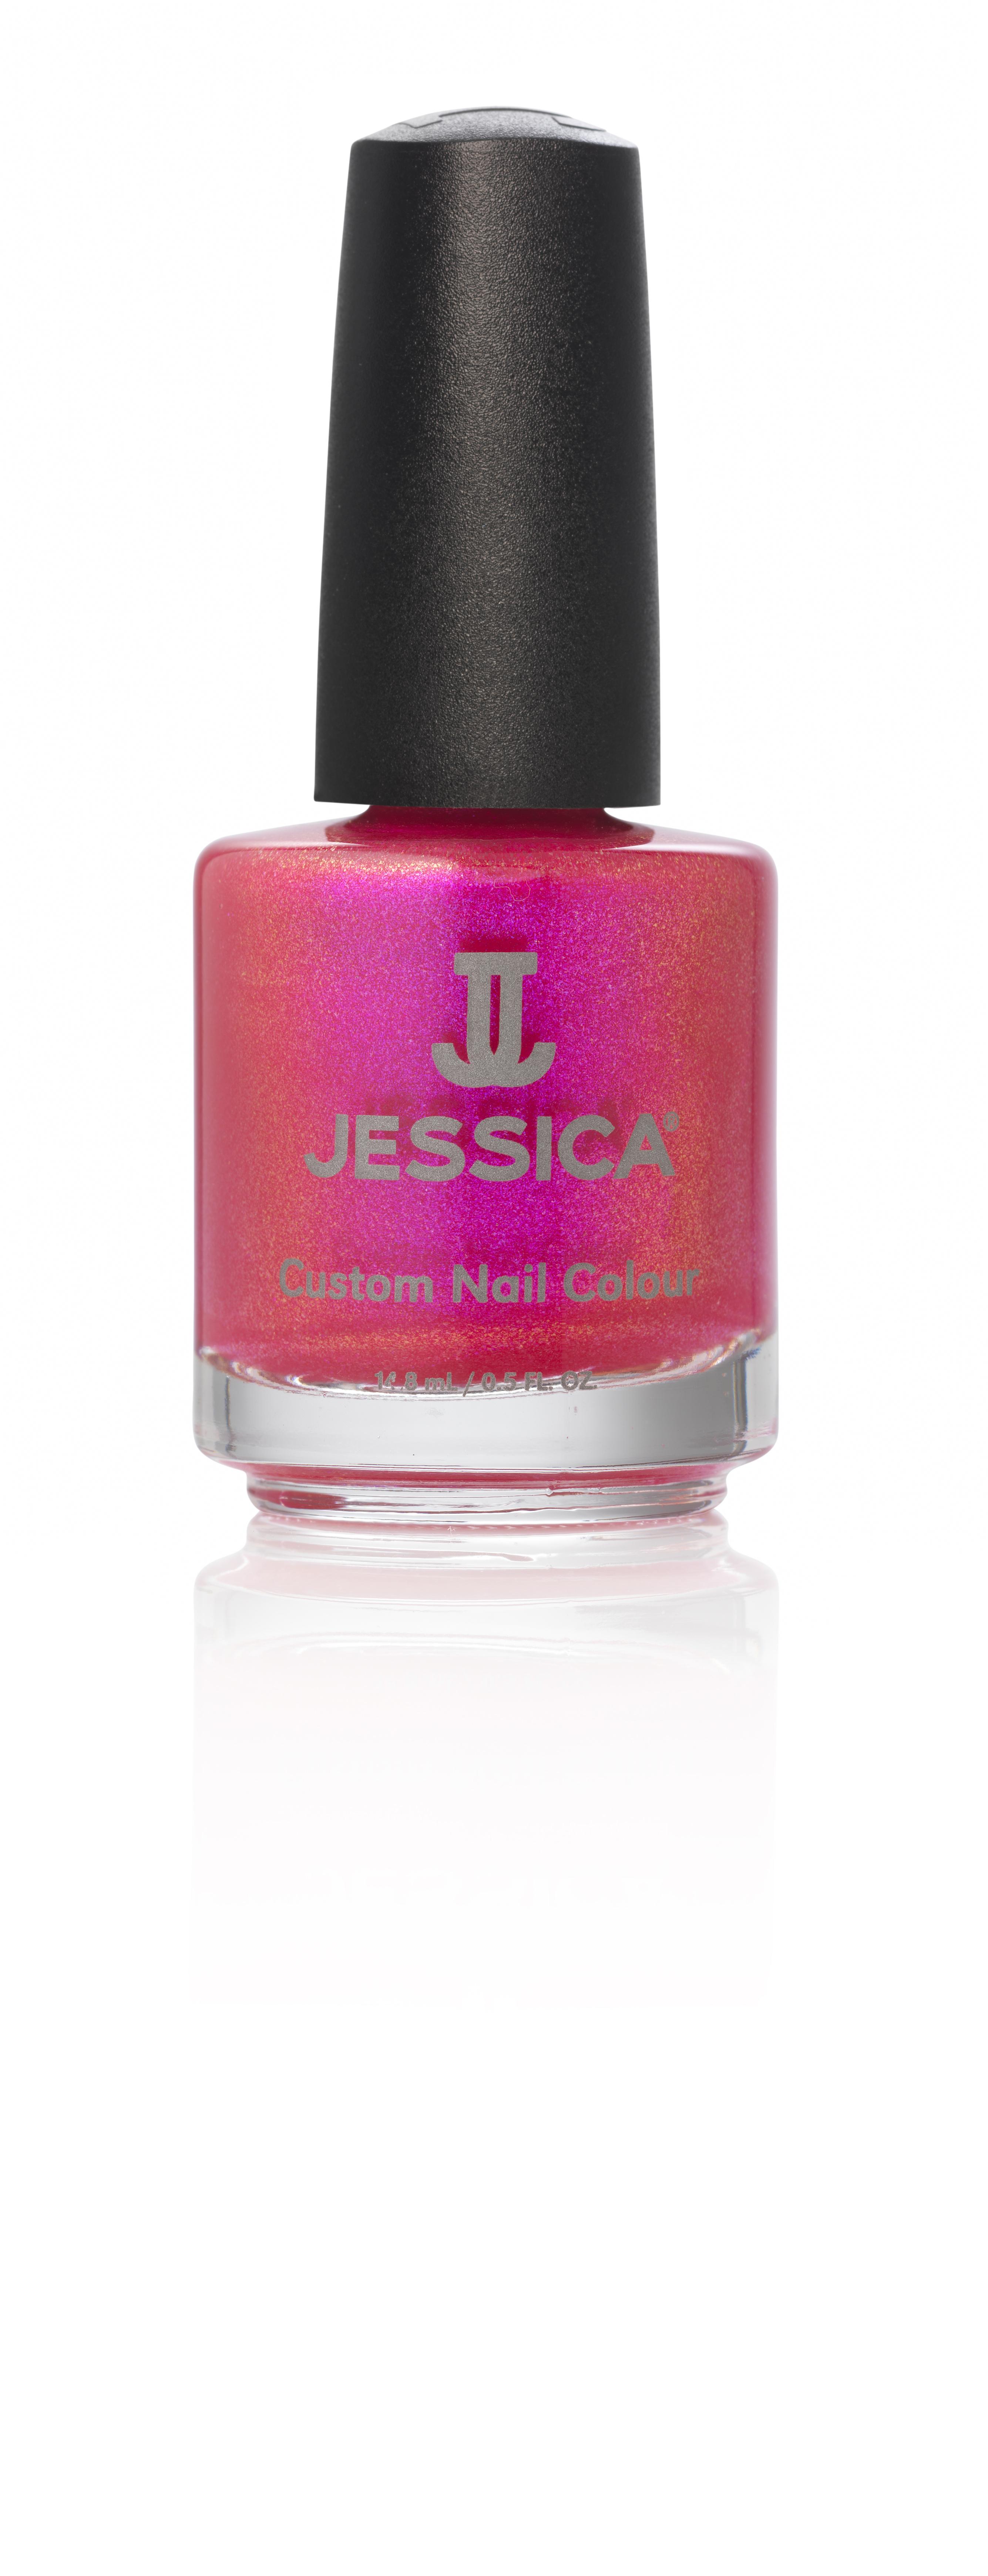 Jessica Лак для ногтей 946 Silk Sari 14,8 мл1301210Лаки JESSICA содержат витамины A, Д и Е, обеспечивают дополнительную защиту ногтей и усиливают терапевтическое воздействие базовых средств и средств-корректоров.